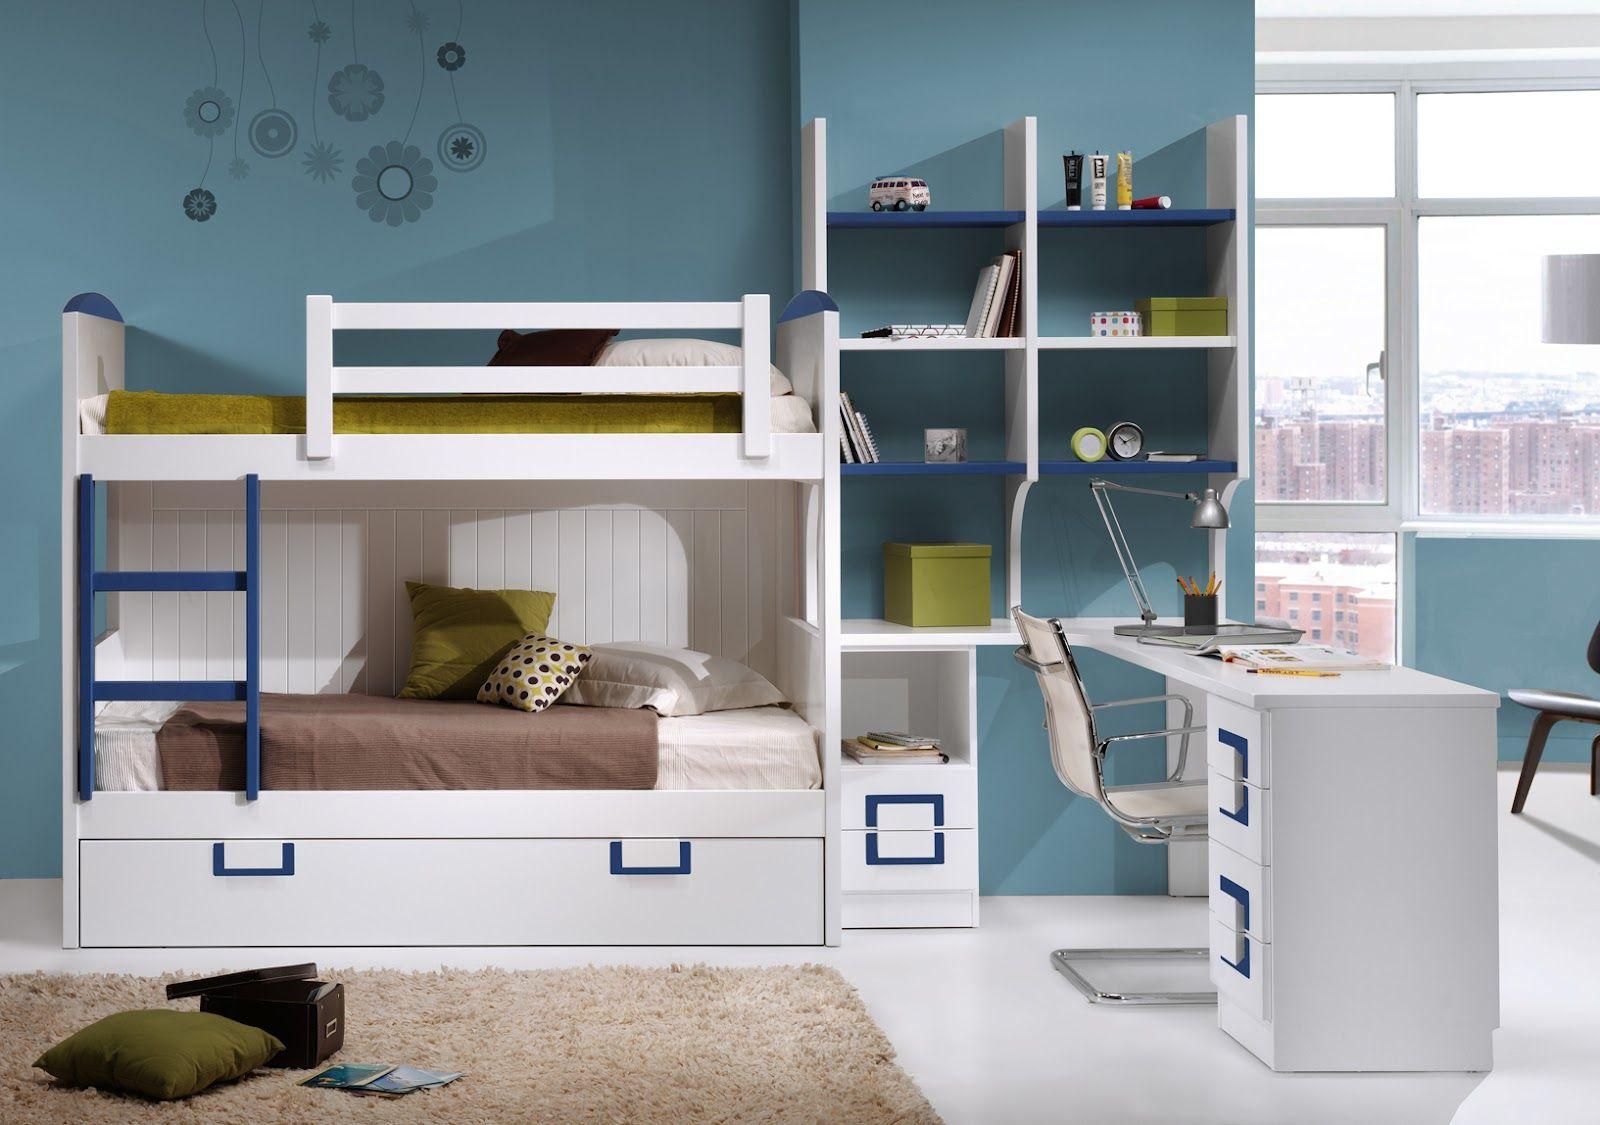 19 Jpg 1600 1125 Proyectos Que Debo Intentar Pinterest Deberes # Muebles Funcionales Para Ninos